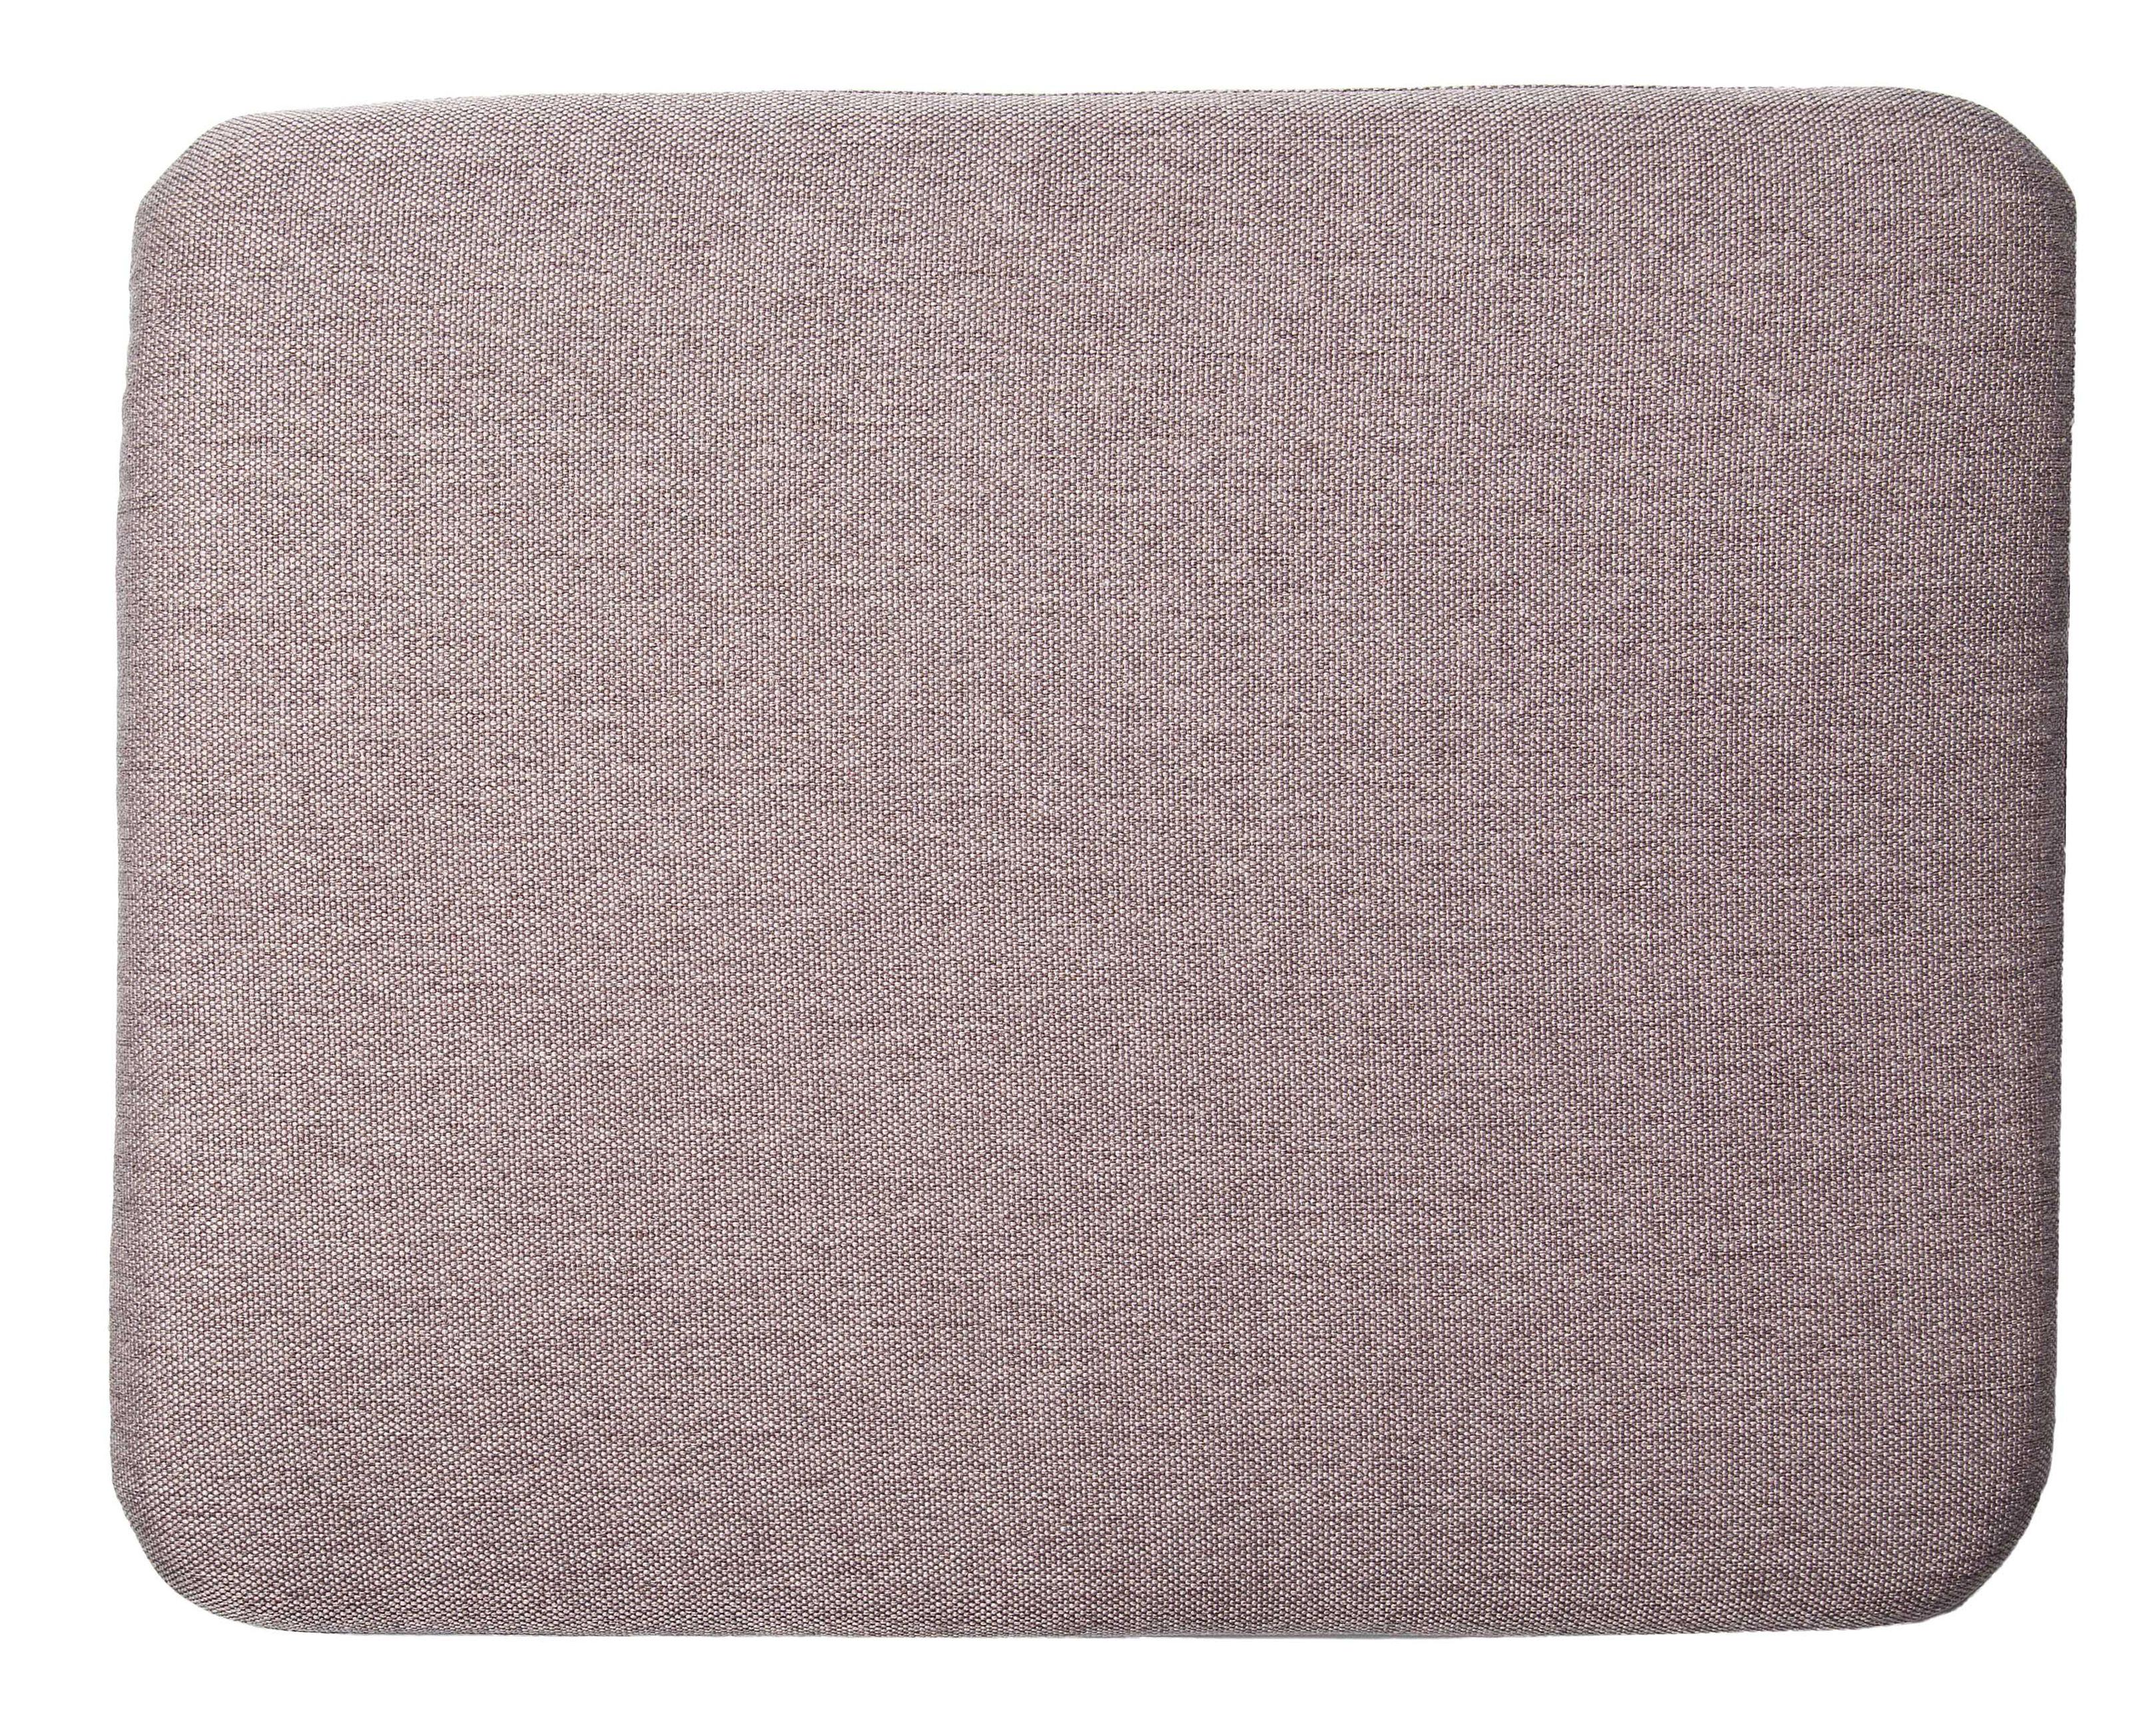 Dekoration - Kissen - Sitzkissen / für Armlehnstuhl